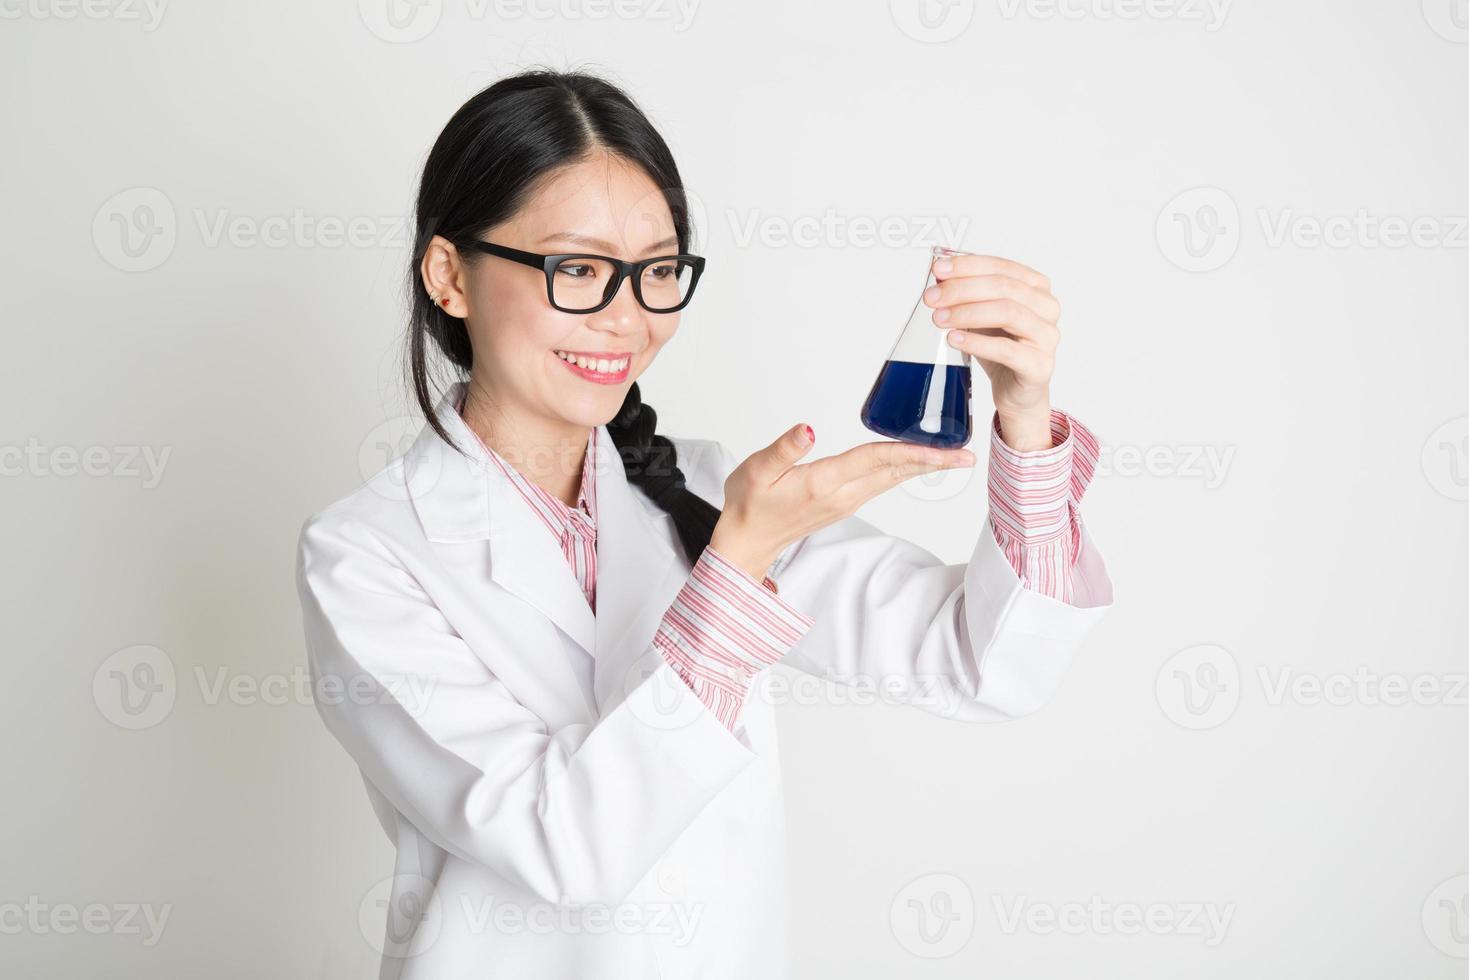 estudante de bioquímica feminina asiática foto